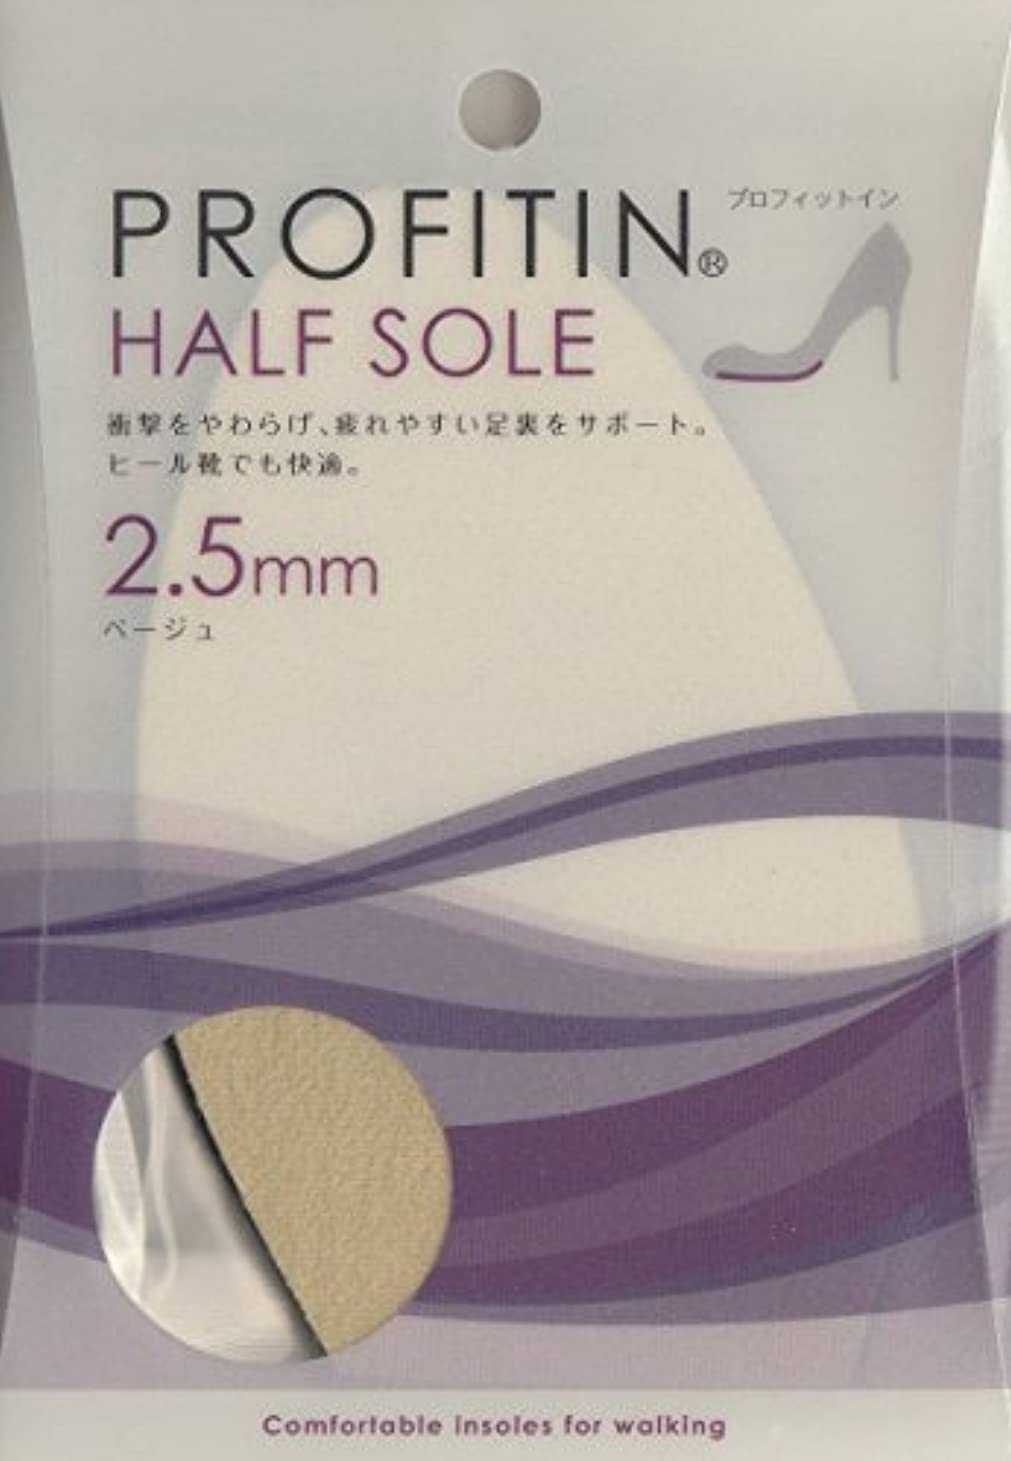 靴やブーツの細かいサイズ調整に「PROFITIN HALF SOLE」 (2.5mm, ベージュ)